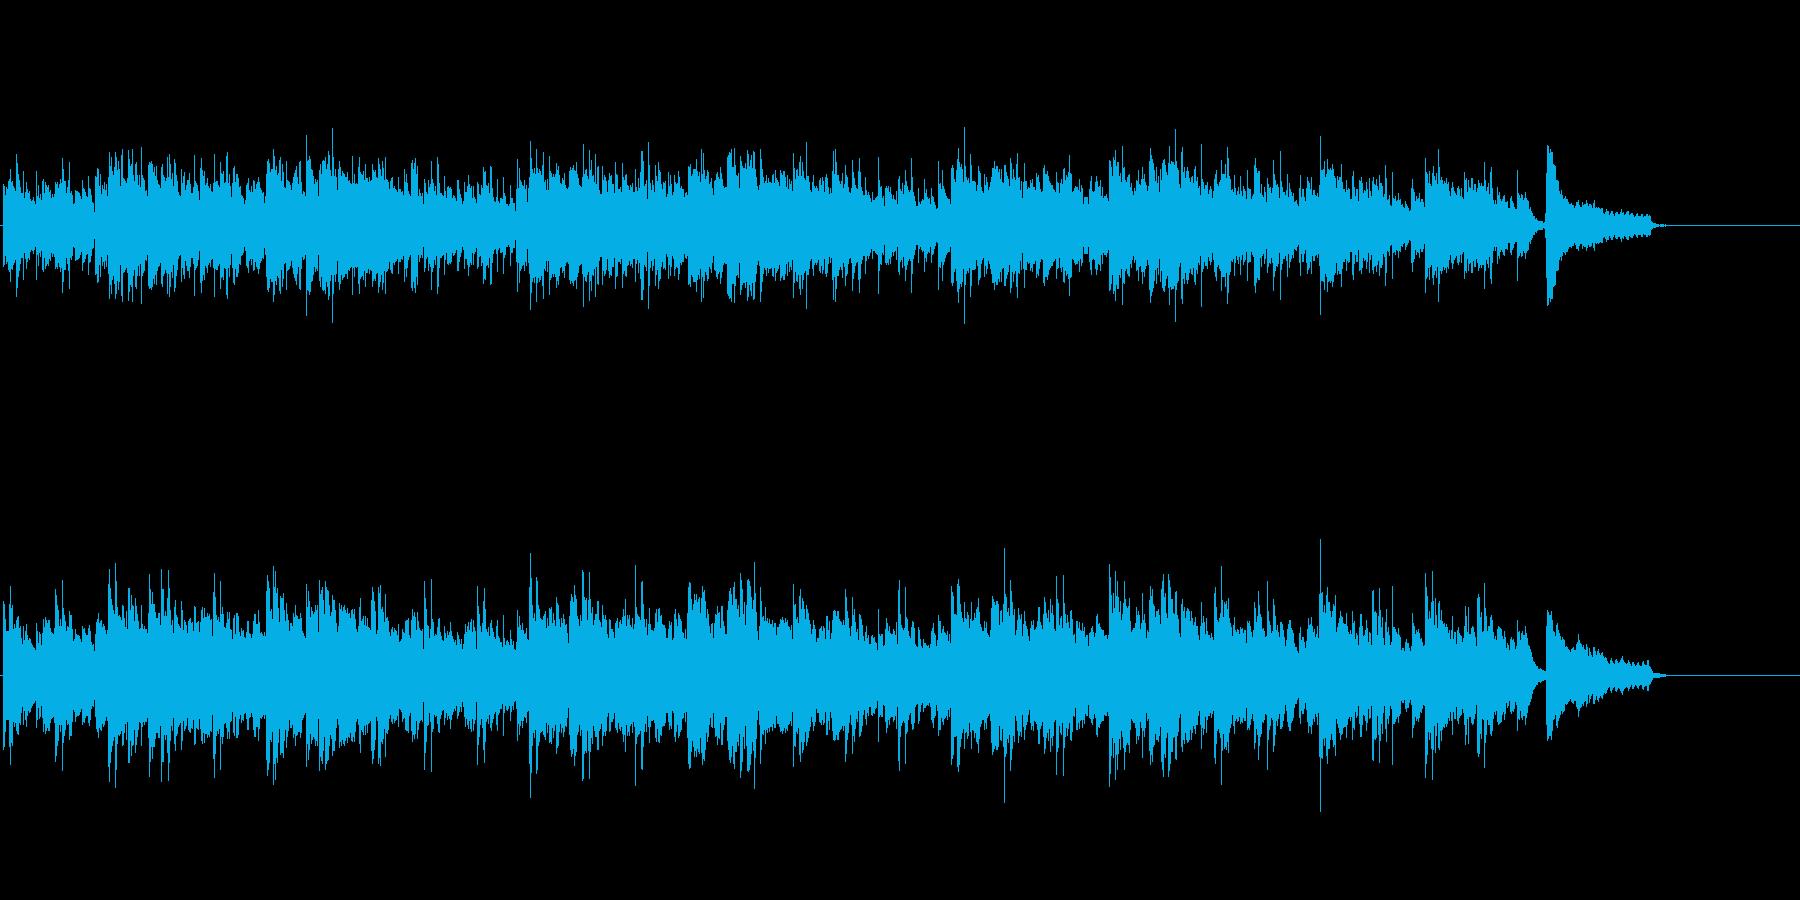 シタールが情緒を醸し出すミュージックの再生済みの波形